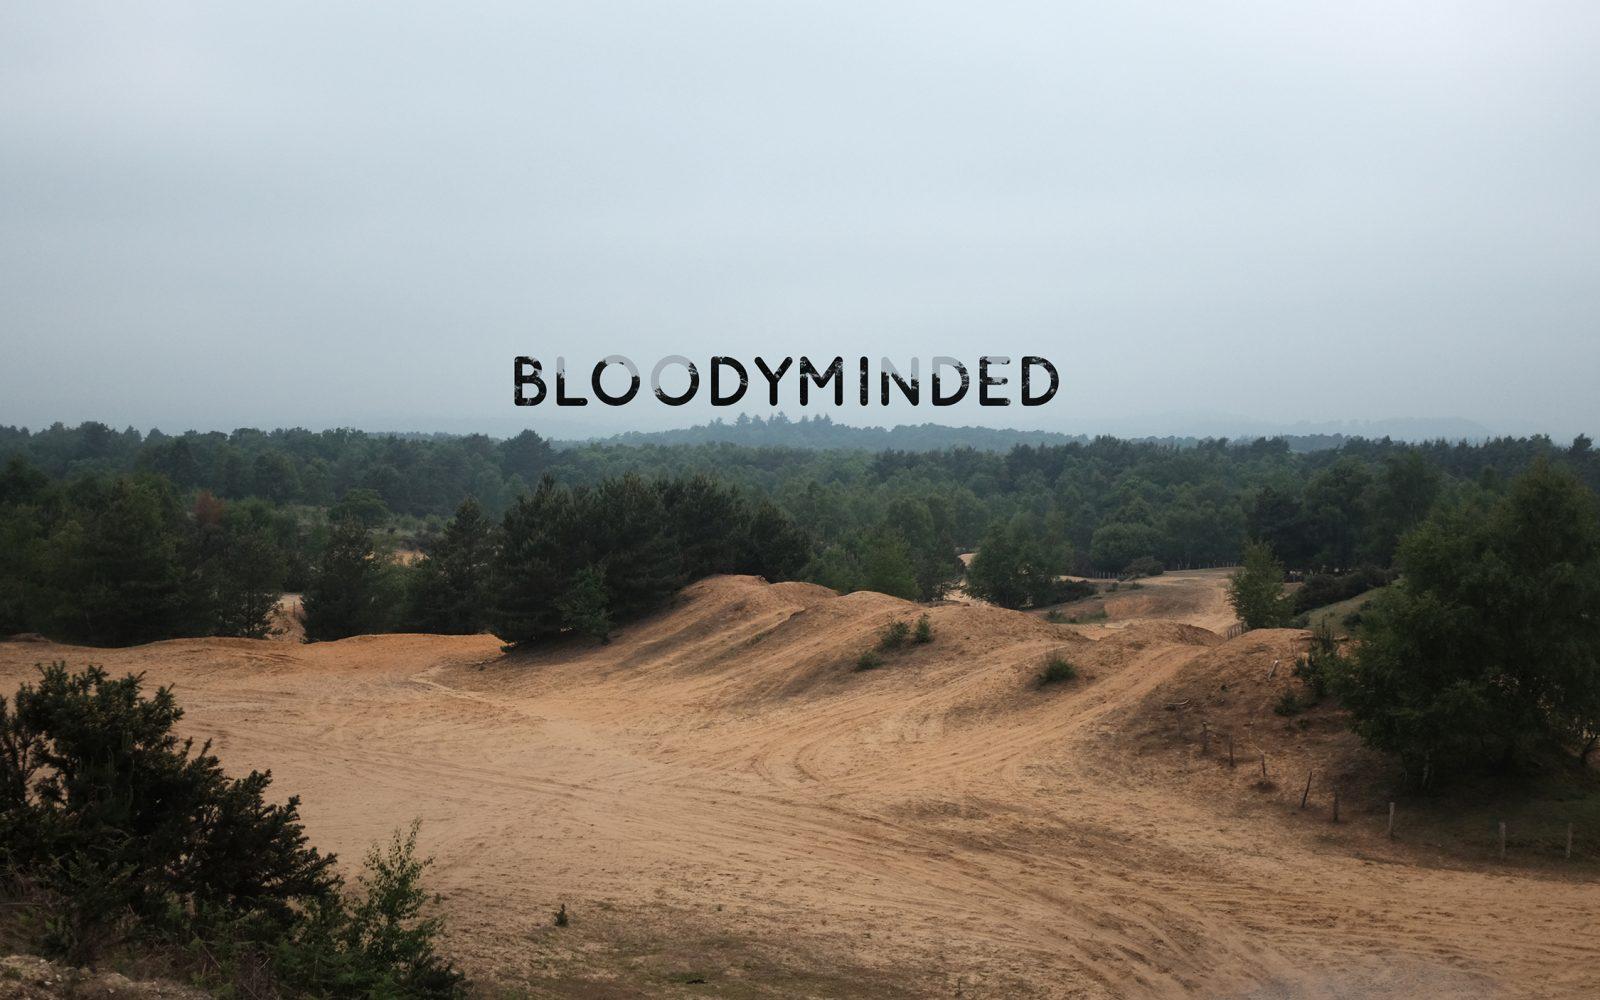 Bloodyminded Promo Image July 2018 RESIZED